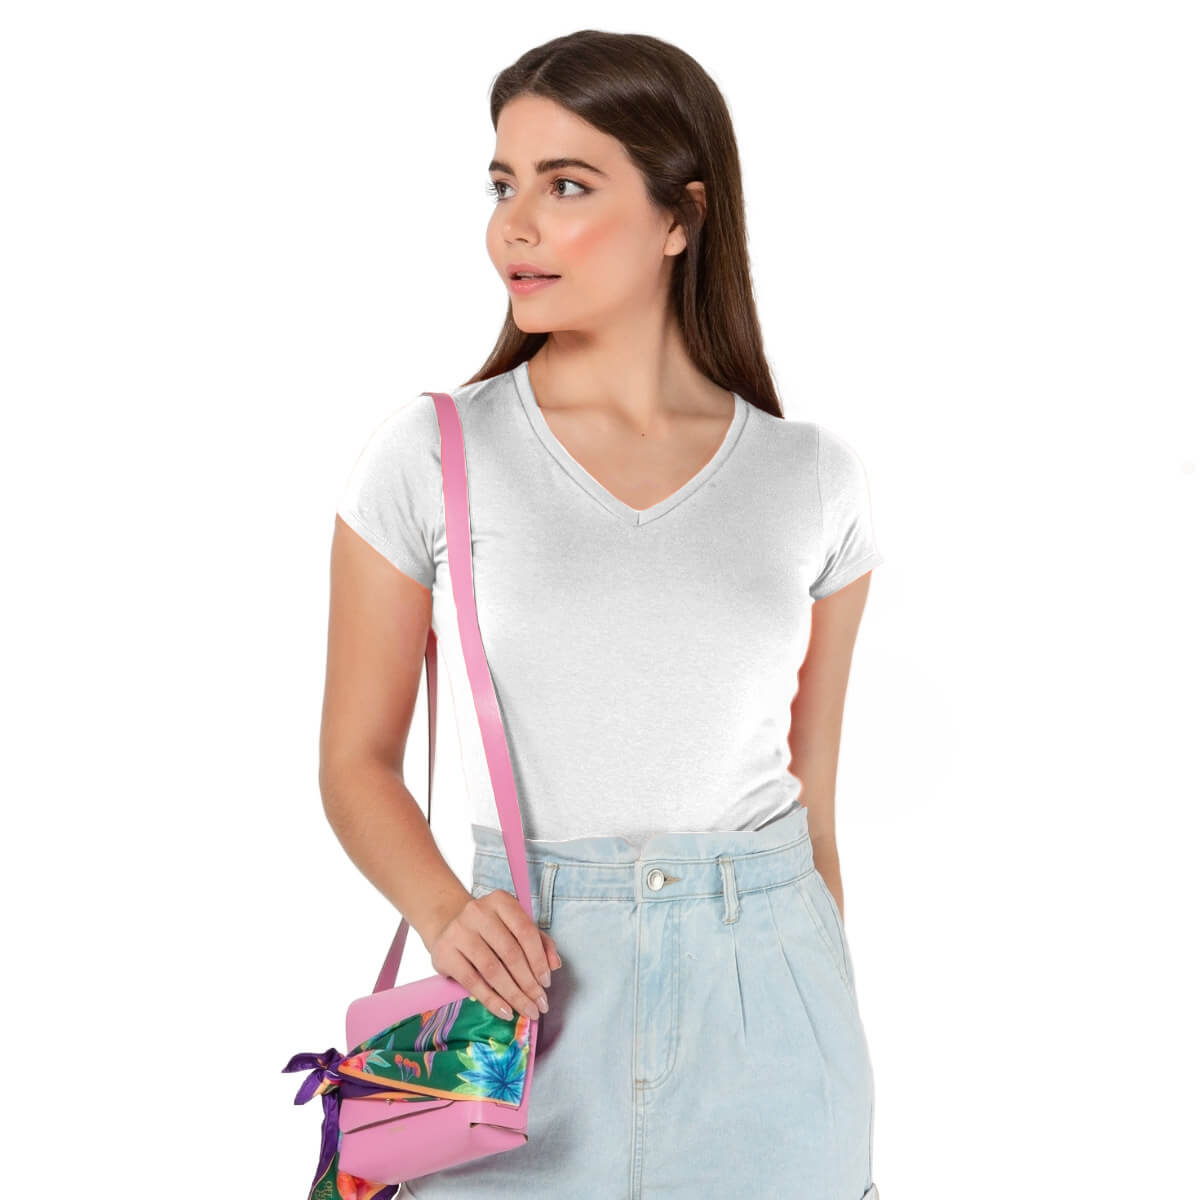 Camiseta Feminina Básica Premium Branca